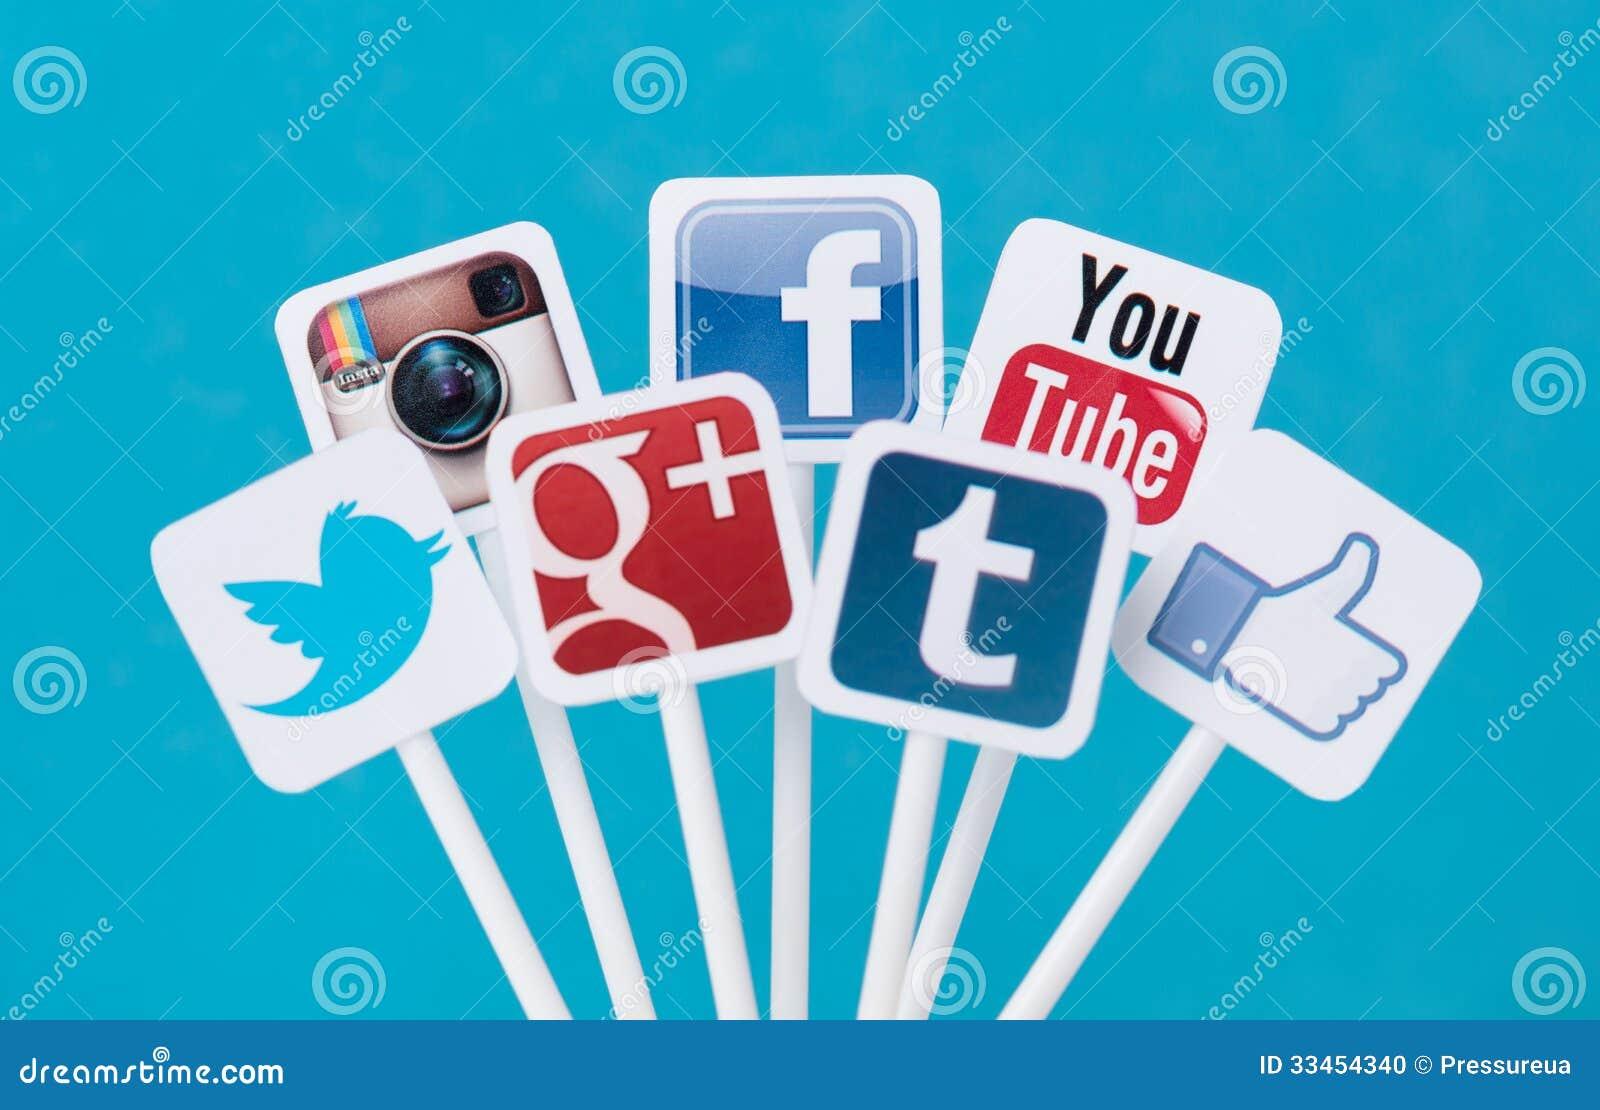 Medias muestras sociales